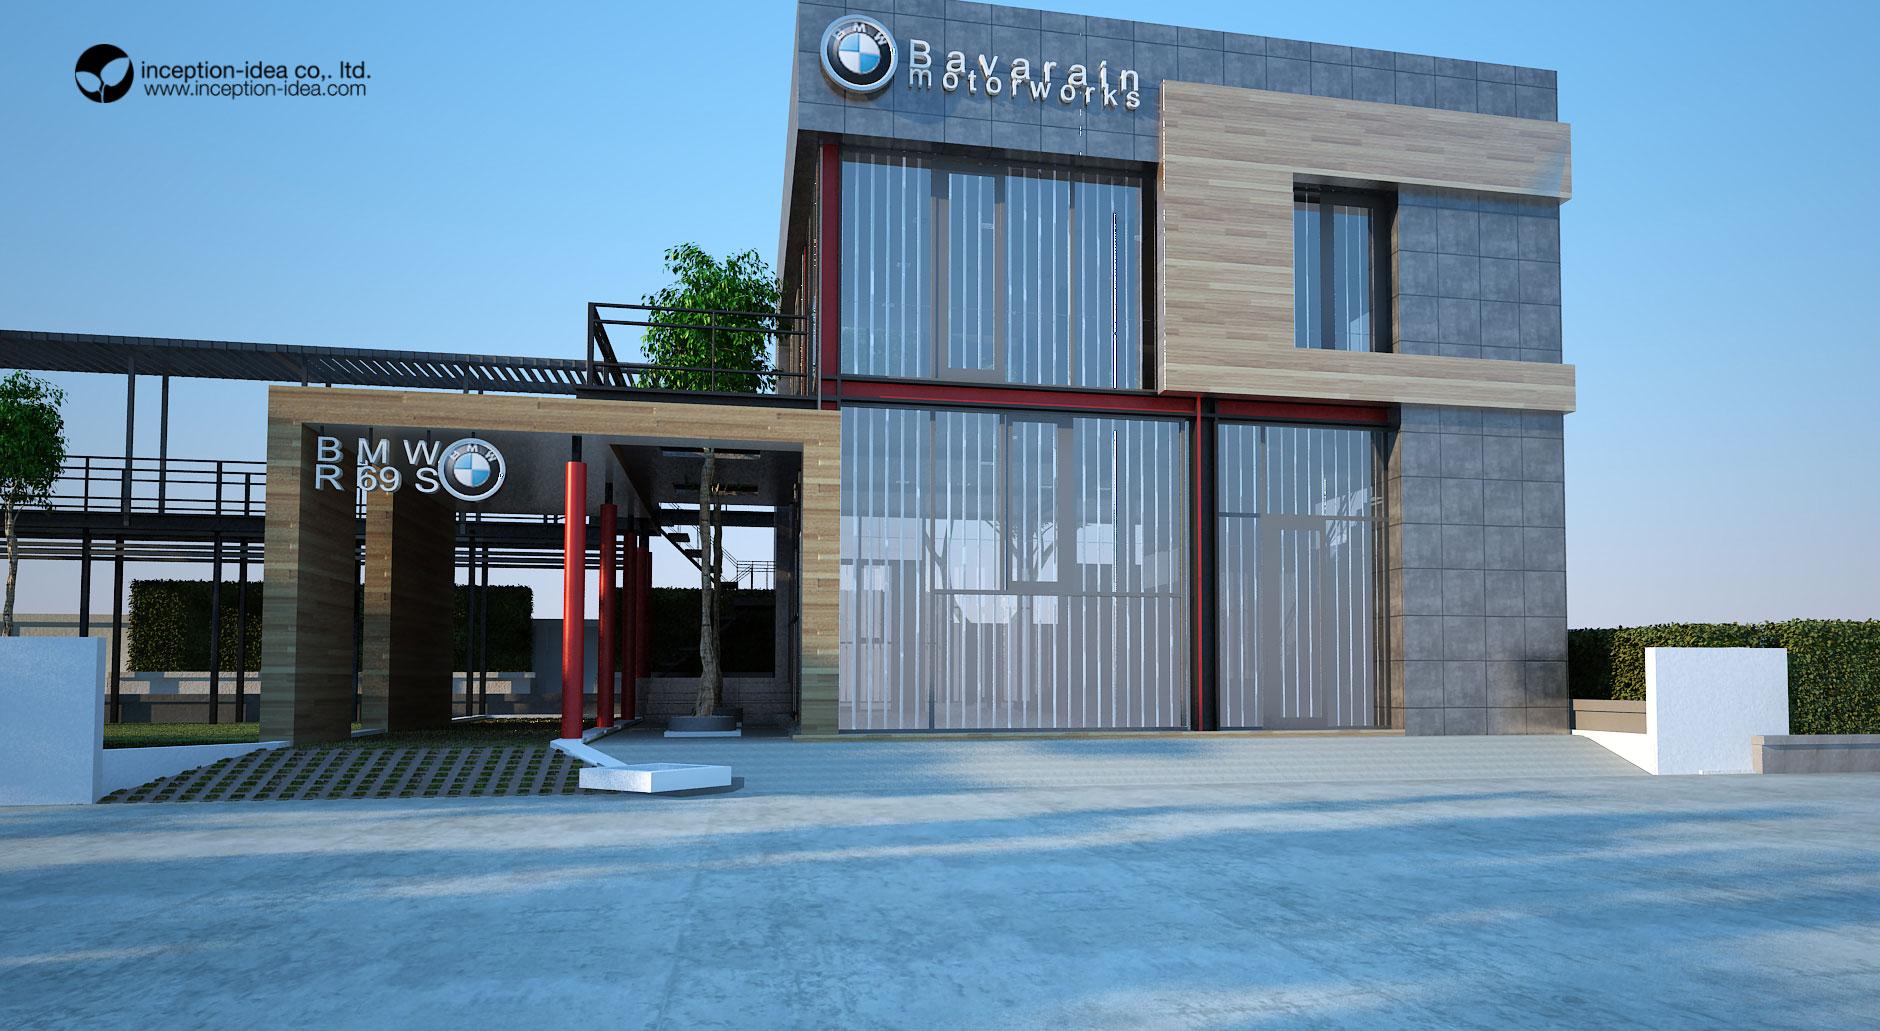 ออกแบบอาคารสะสมมอเตอร์ไซร์ BMW โบราณ ประชาชื่น กรุงเทพ